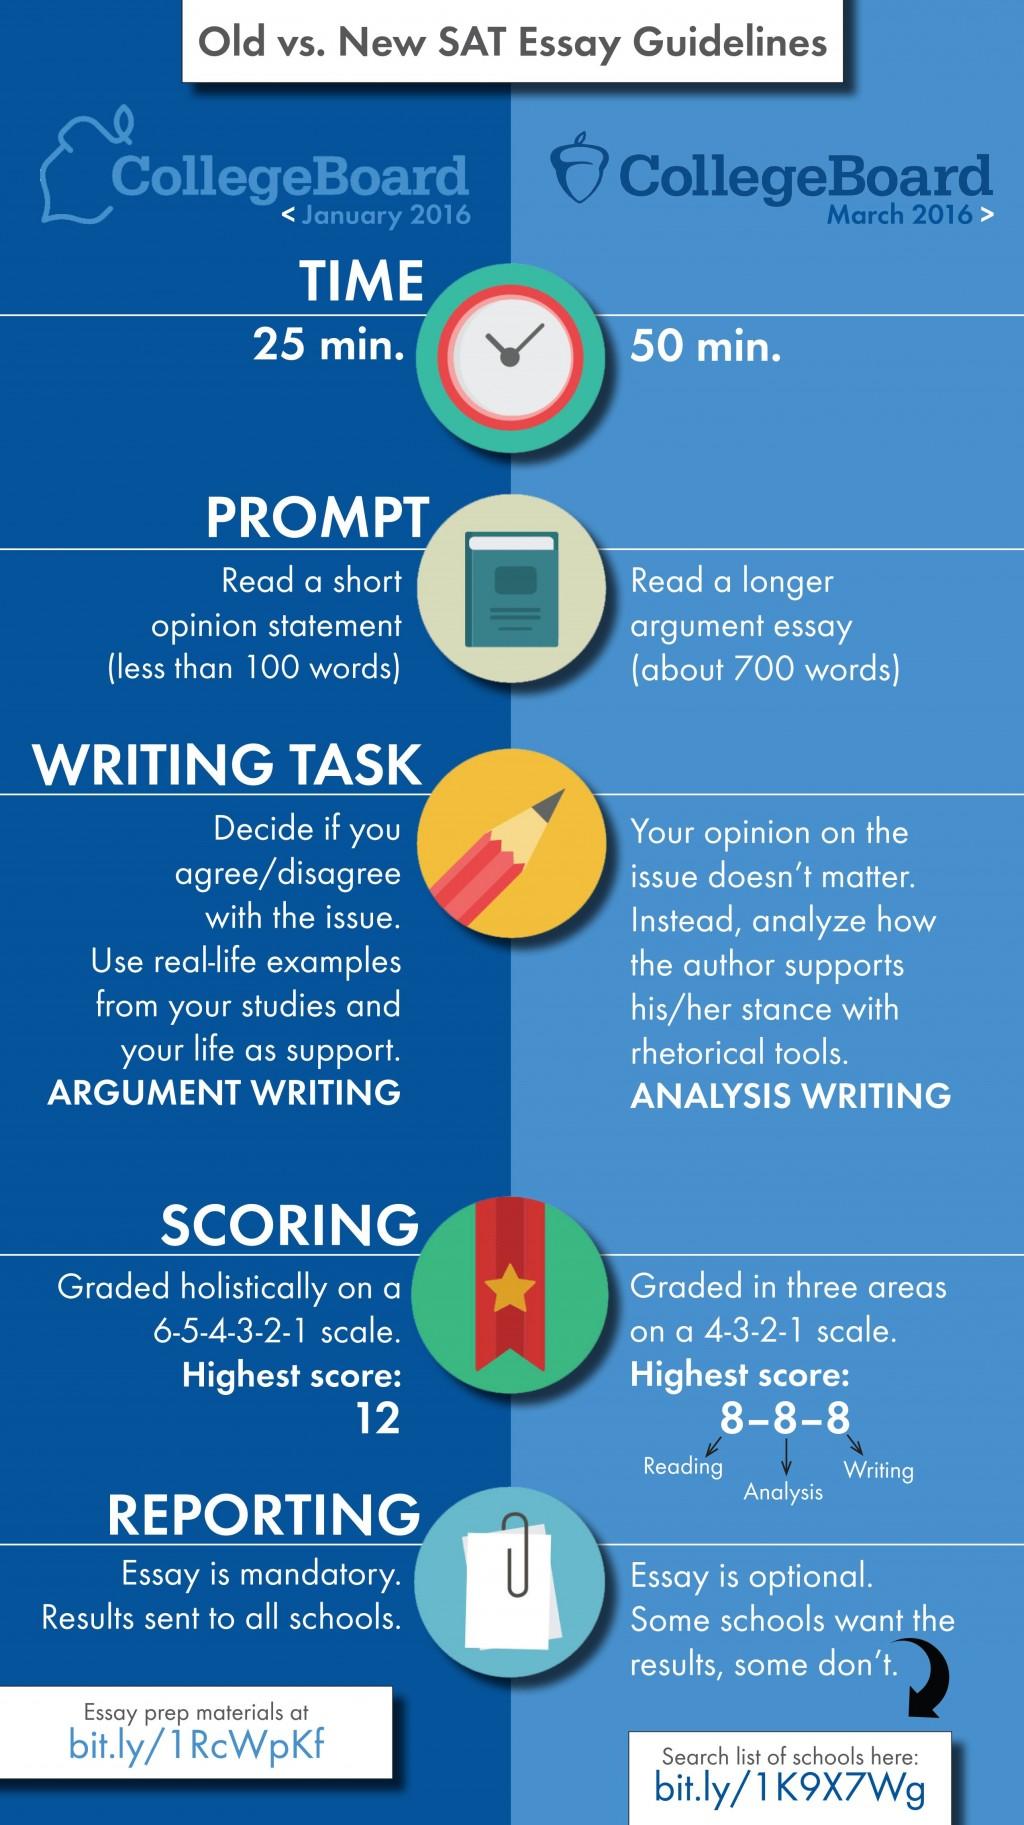 018 Tips For Sat Essay Wondrous Techniques Persuasive Strategy Large